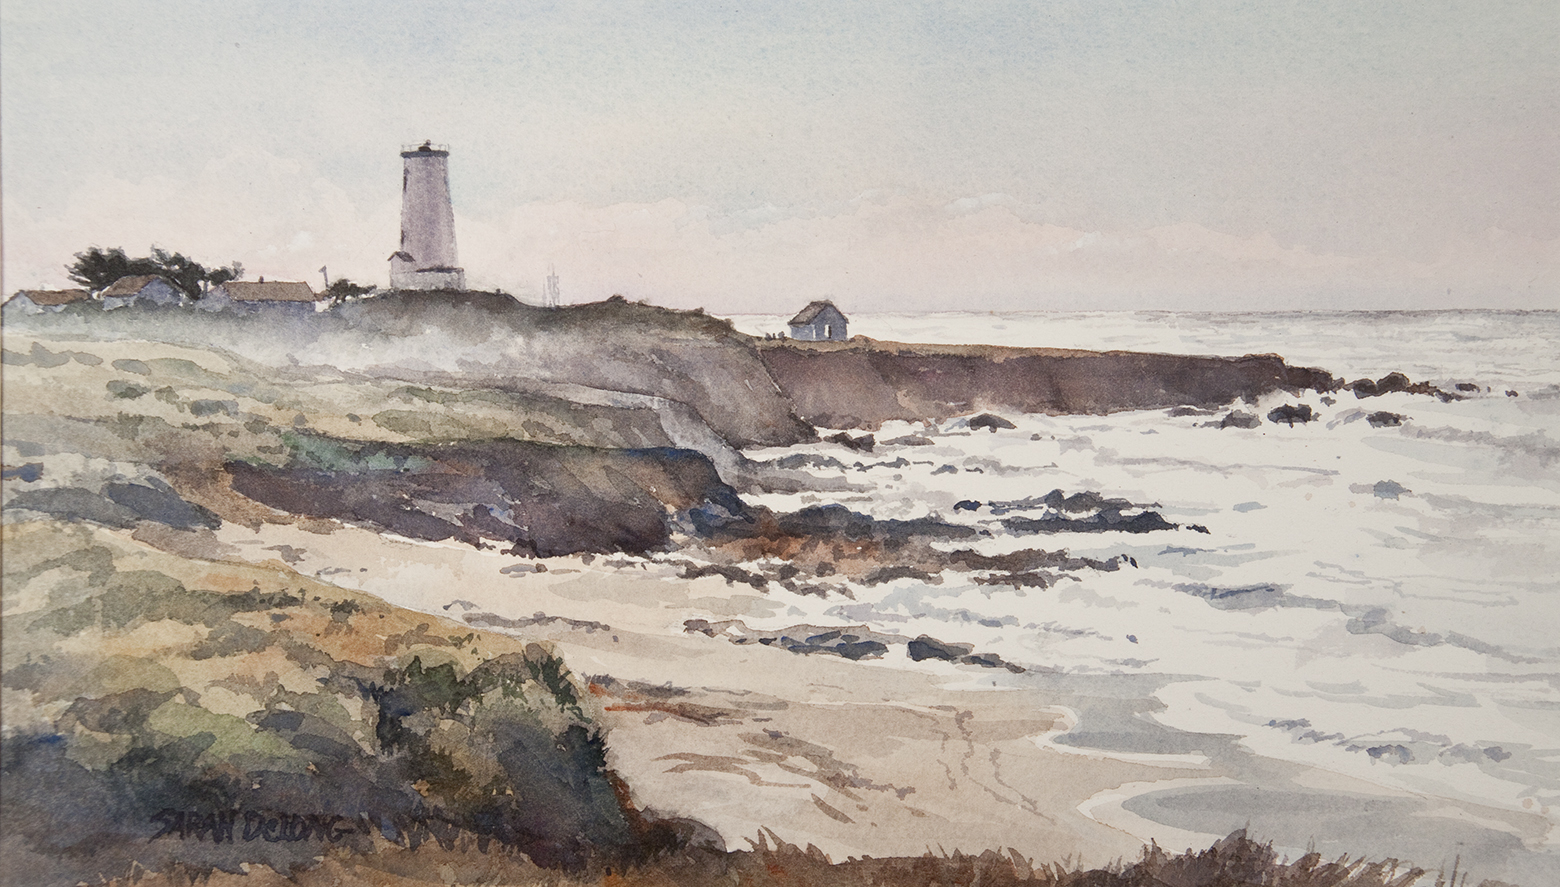 Piedras Blancas Light House